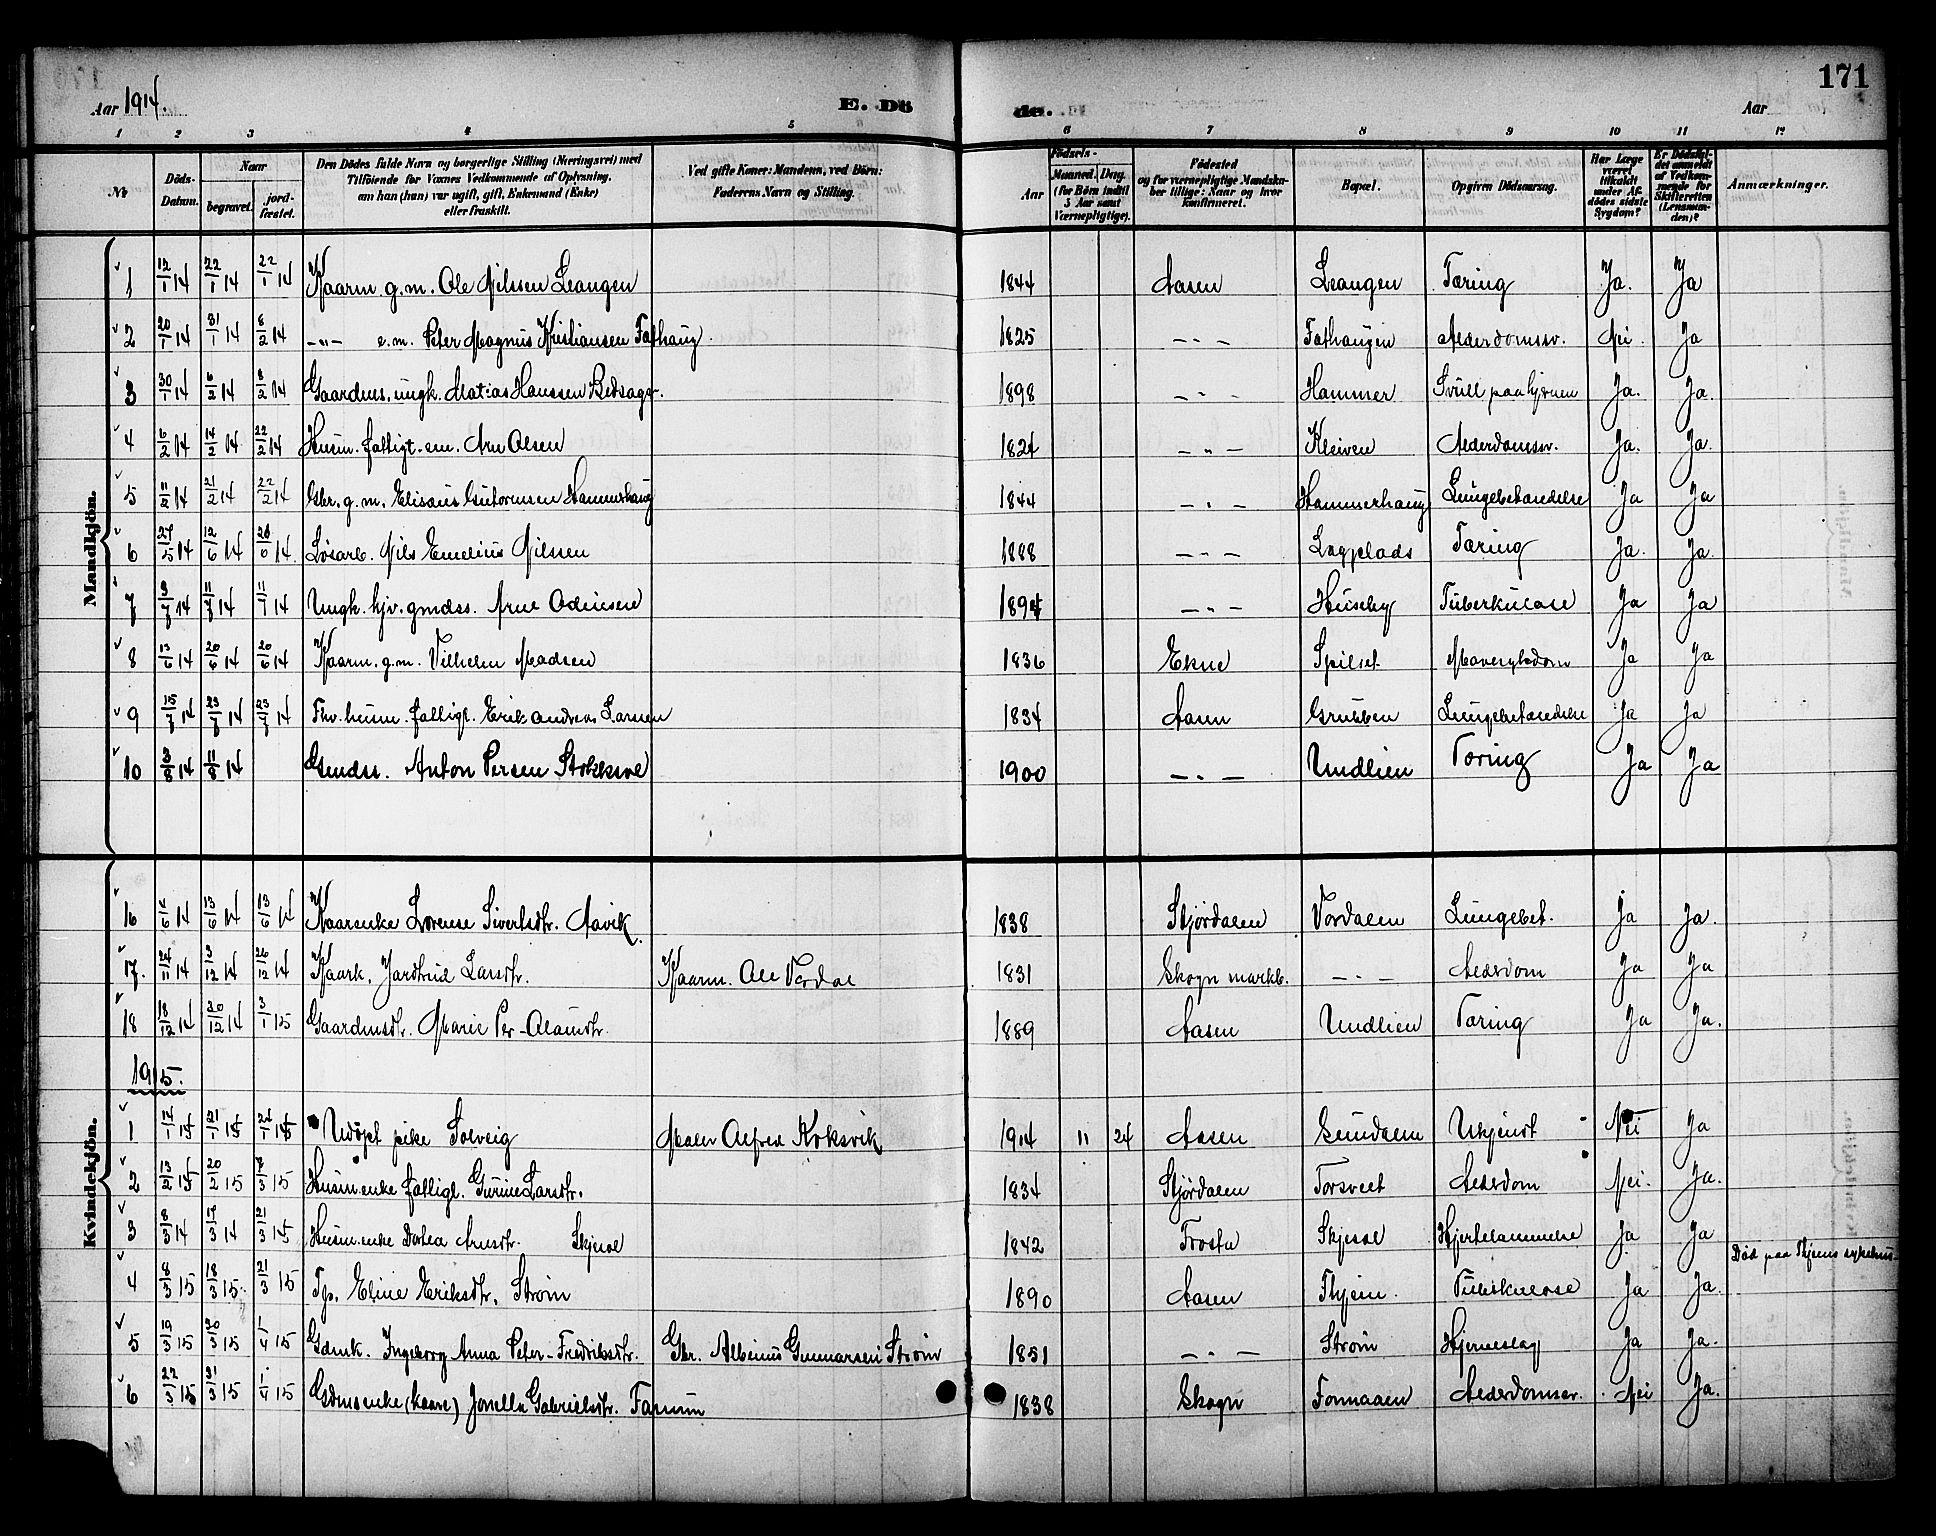 SAT, Ministerialprotokoller, klokkerbøker og fødselsregistre - Nord-Trøndelag, 714/L0135: Klokkerbok nr. 714C04, 1899-1918, s. 171